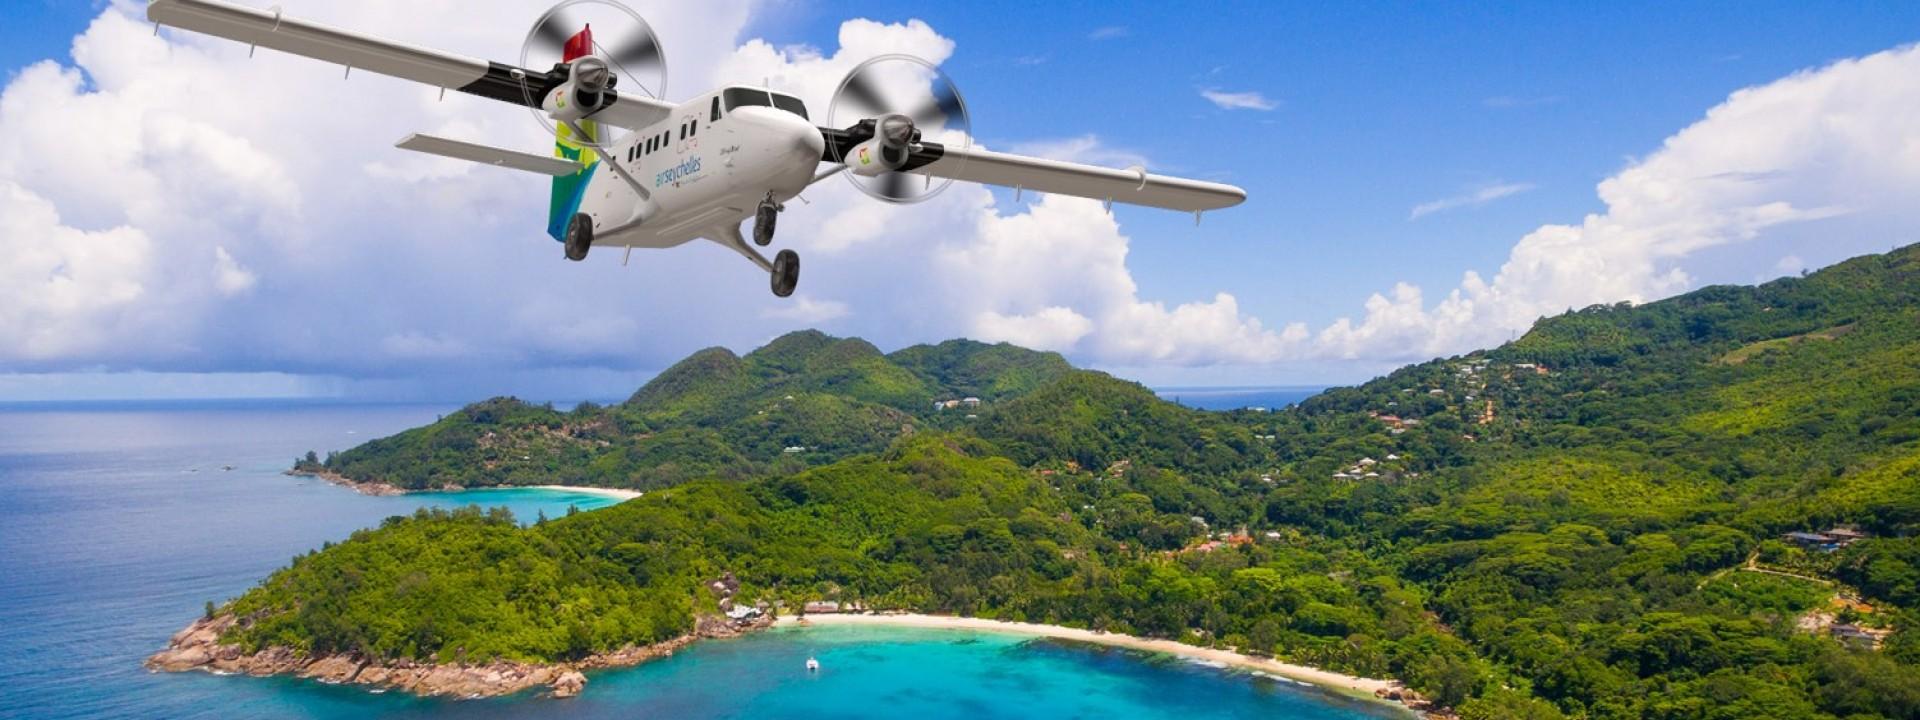 Voli panoramici Air Seychelles verso il nulla intorno a Mahé